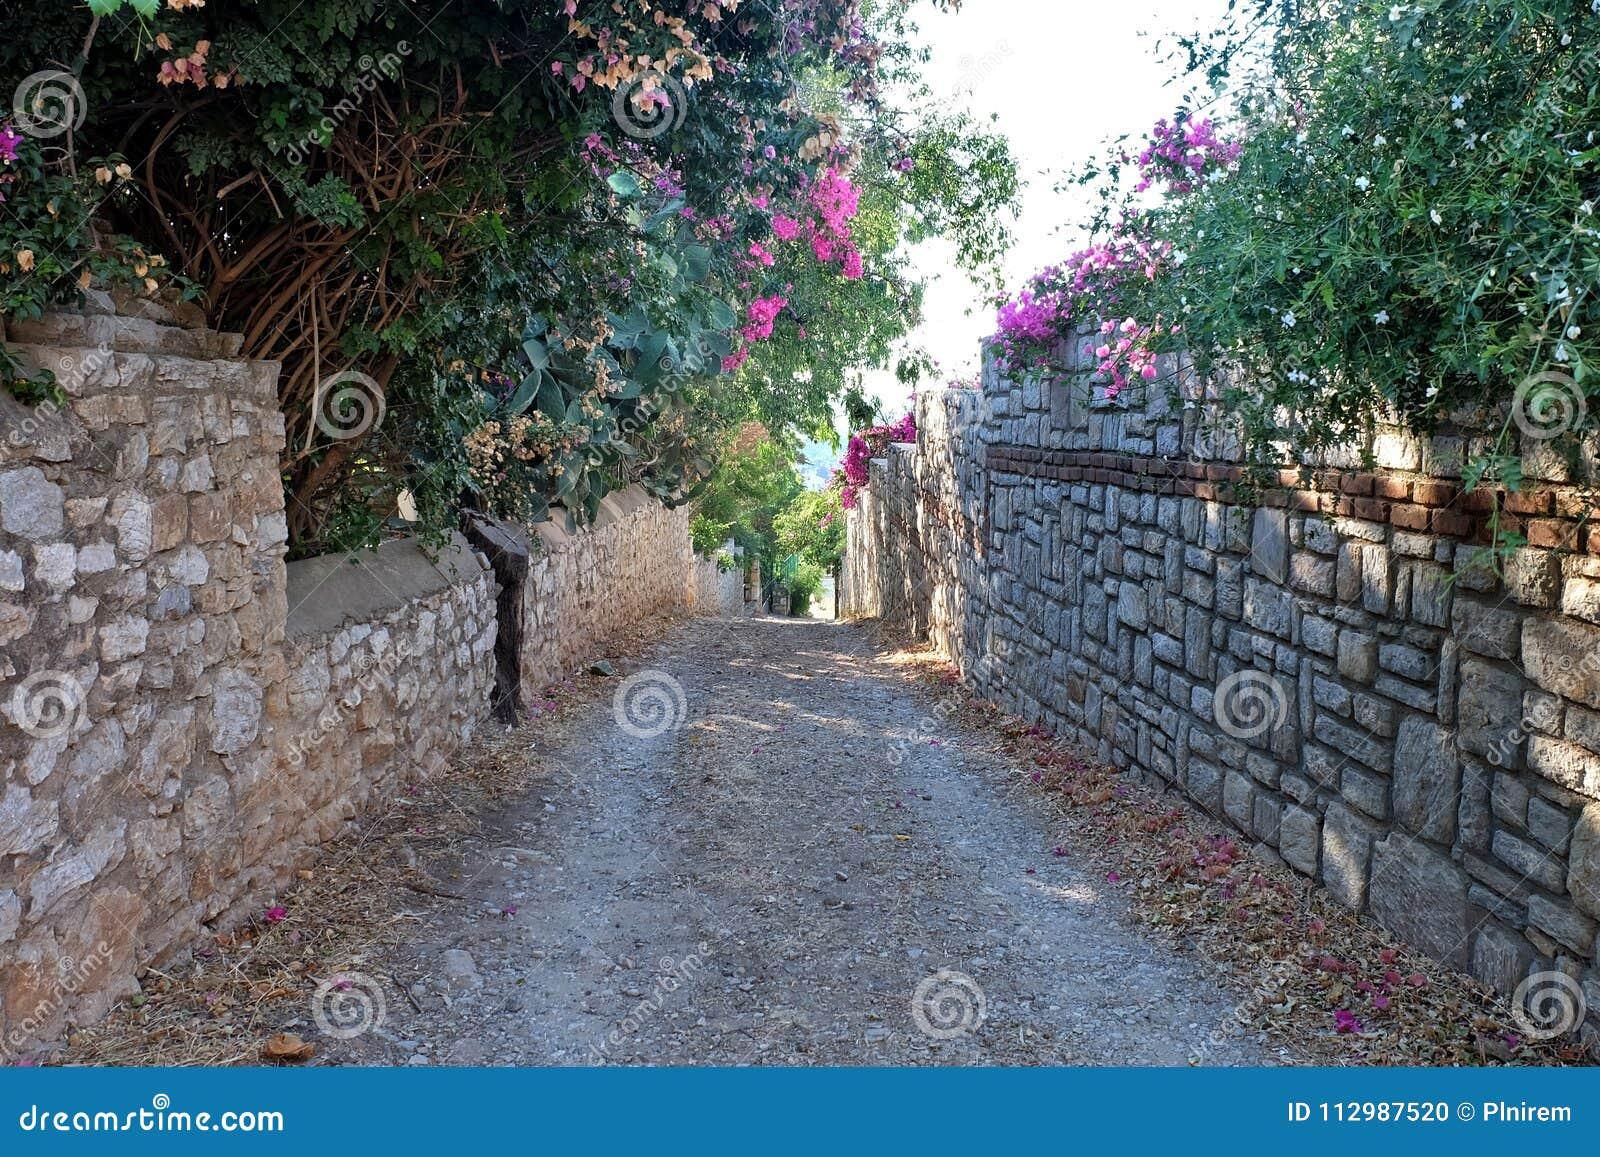 Street in old Datca, Mugla, Turkey